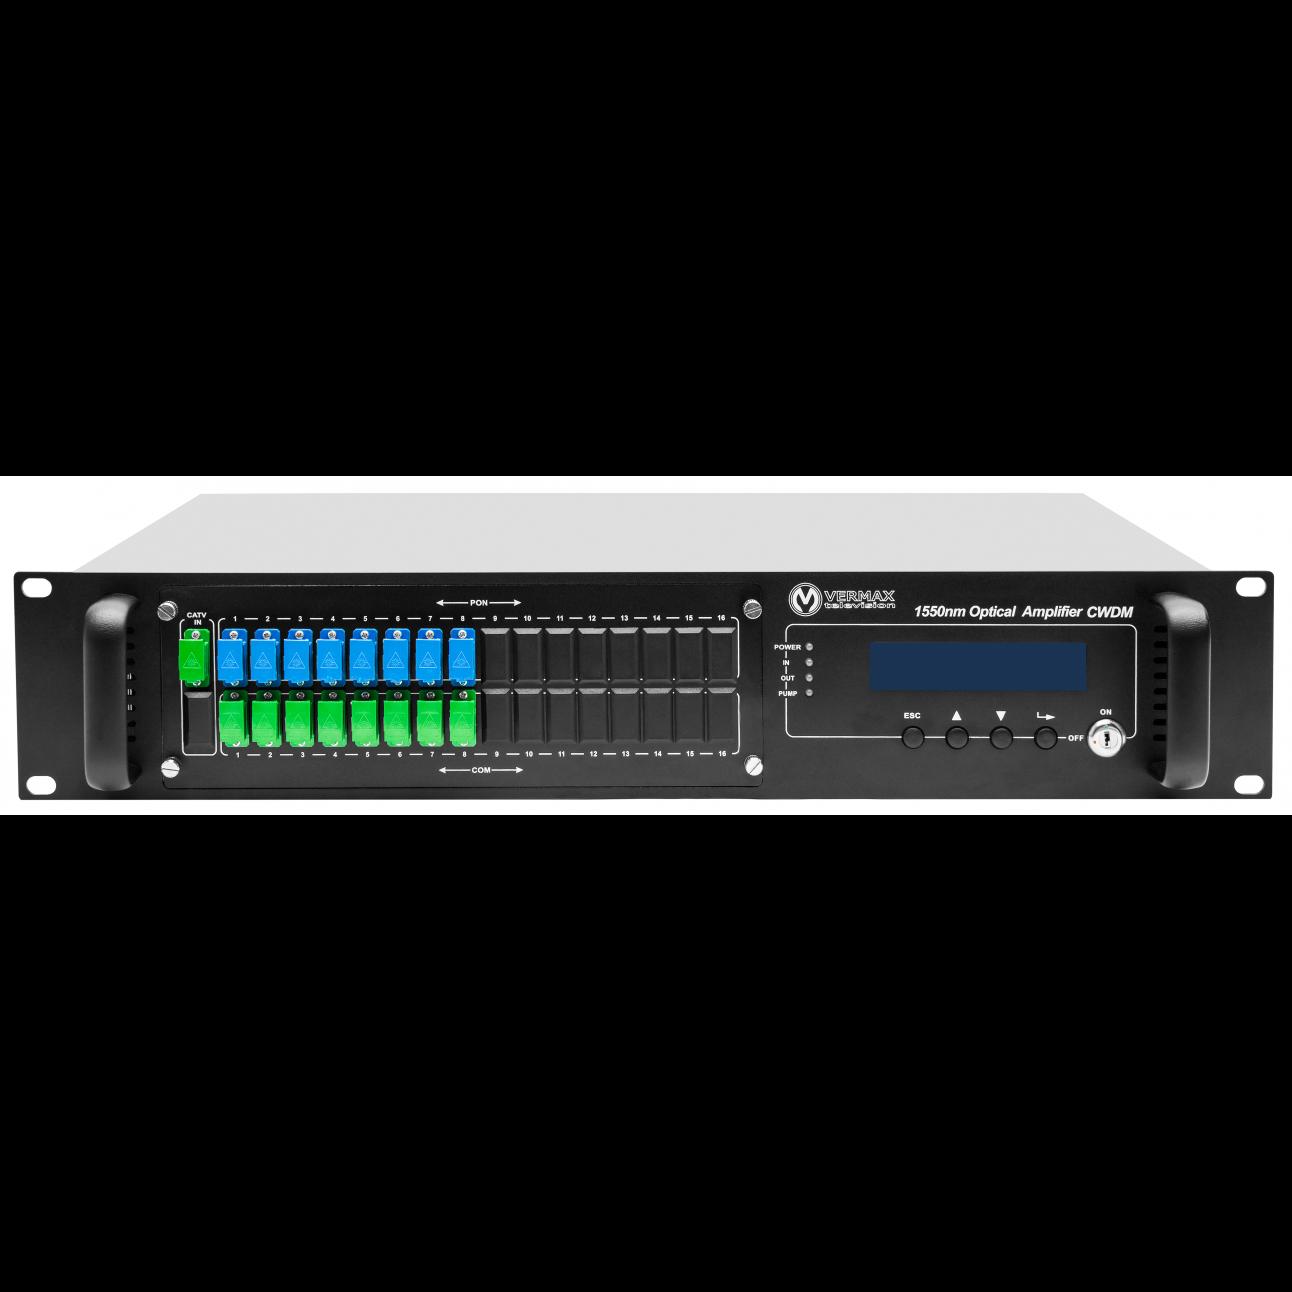 Оптический усилитель VERMAX для сетей КТВ, 16*16dBm, WDM фильтр PON